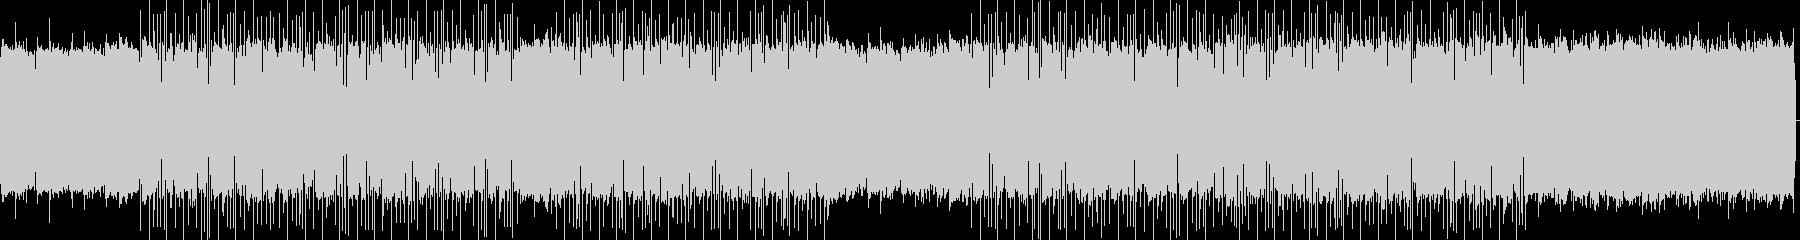 メロウで浮遊感のあるノイズポップ・ループの未再生の波形